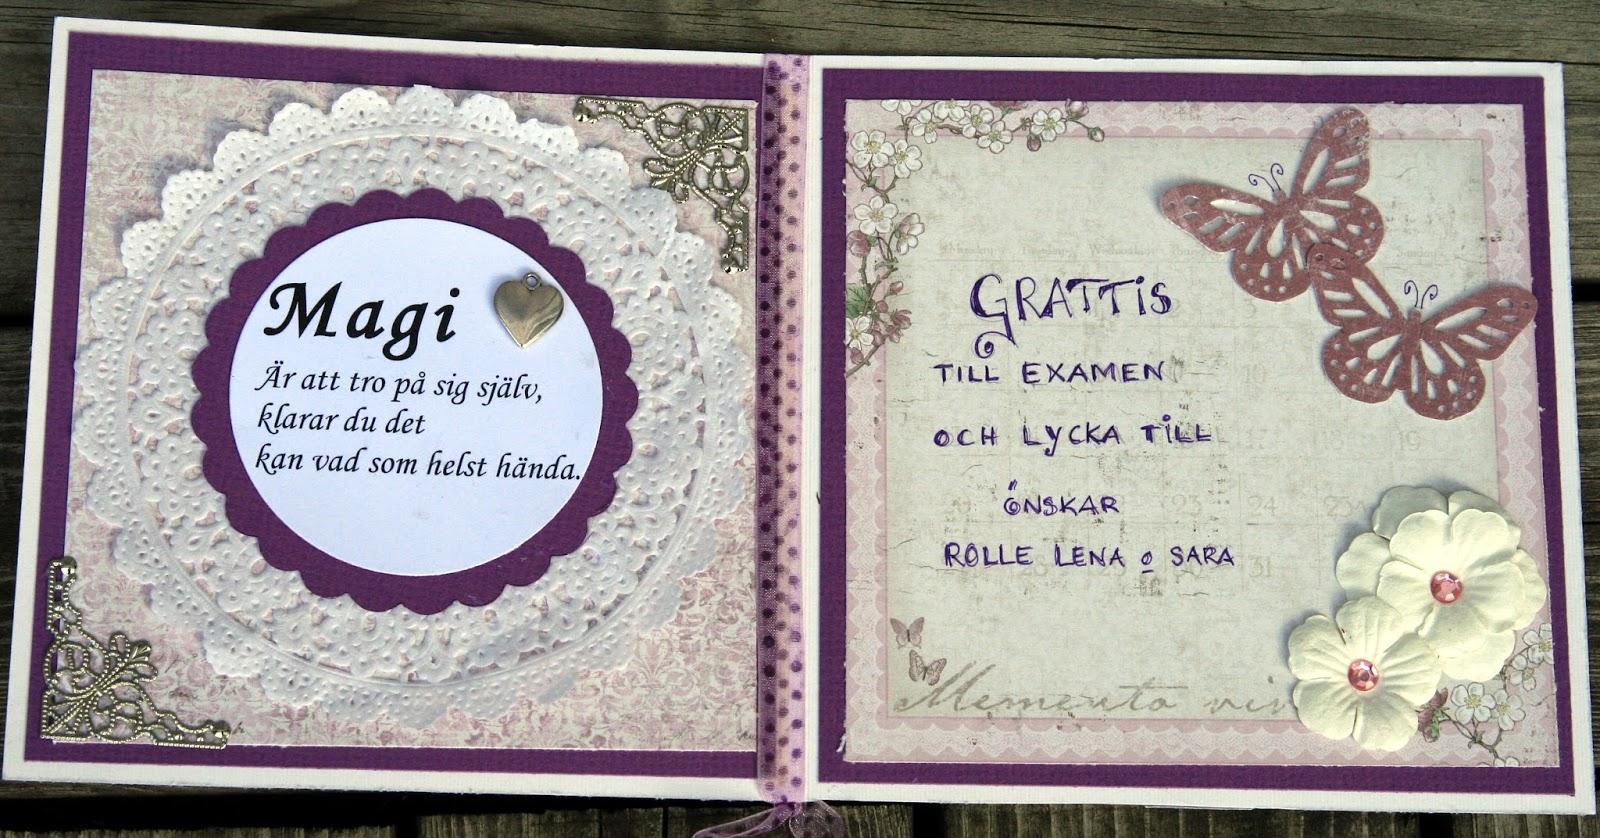 grattis till examen kort Lenas pysselhörna: Grattis till examen grattis till examen kort